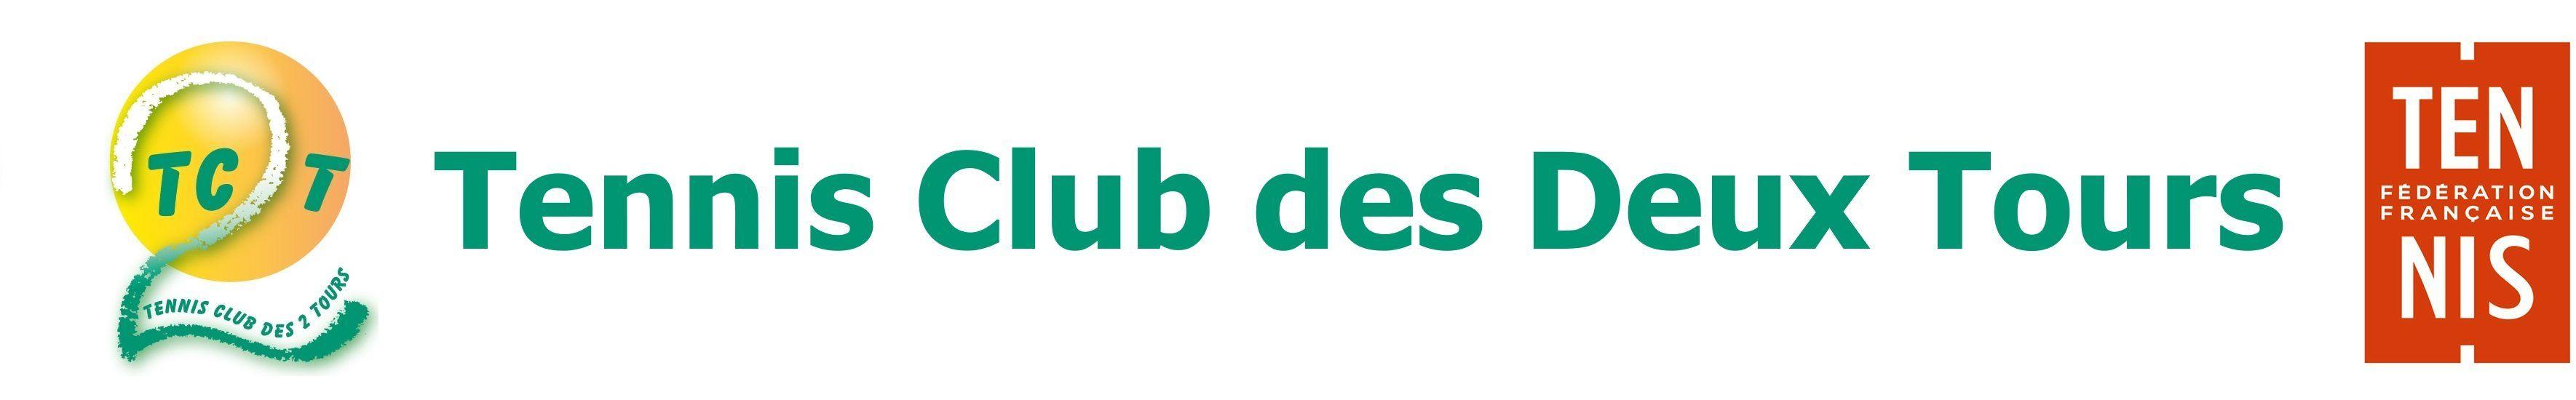 Tennis Club des Deux Tours (TC2T)